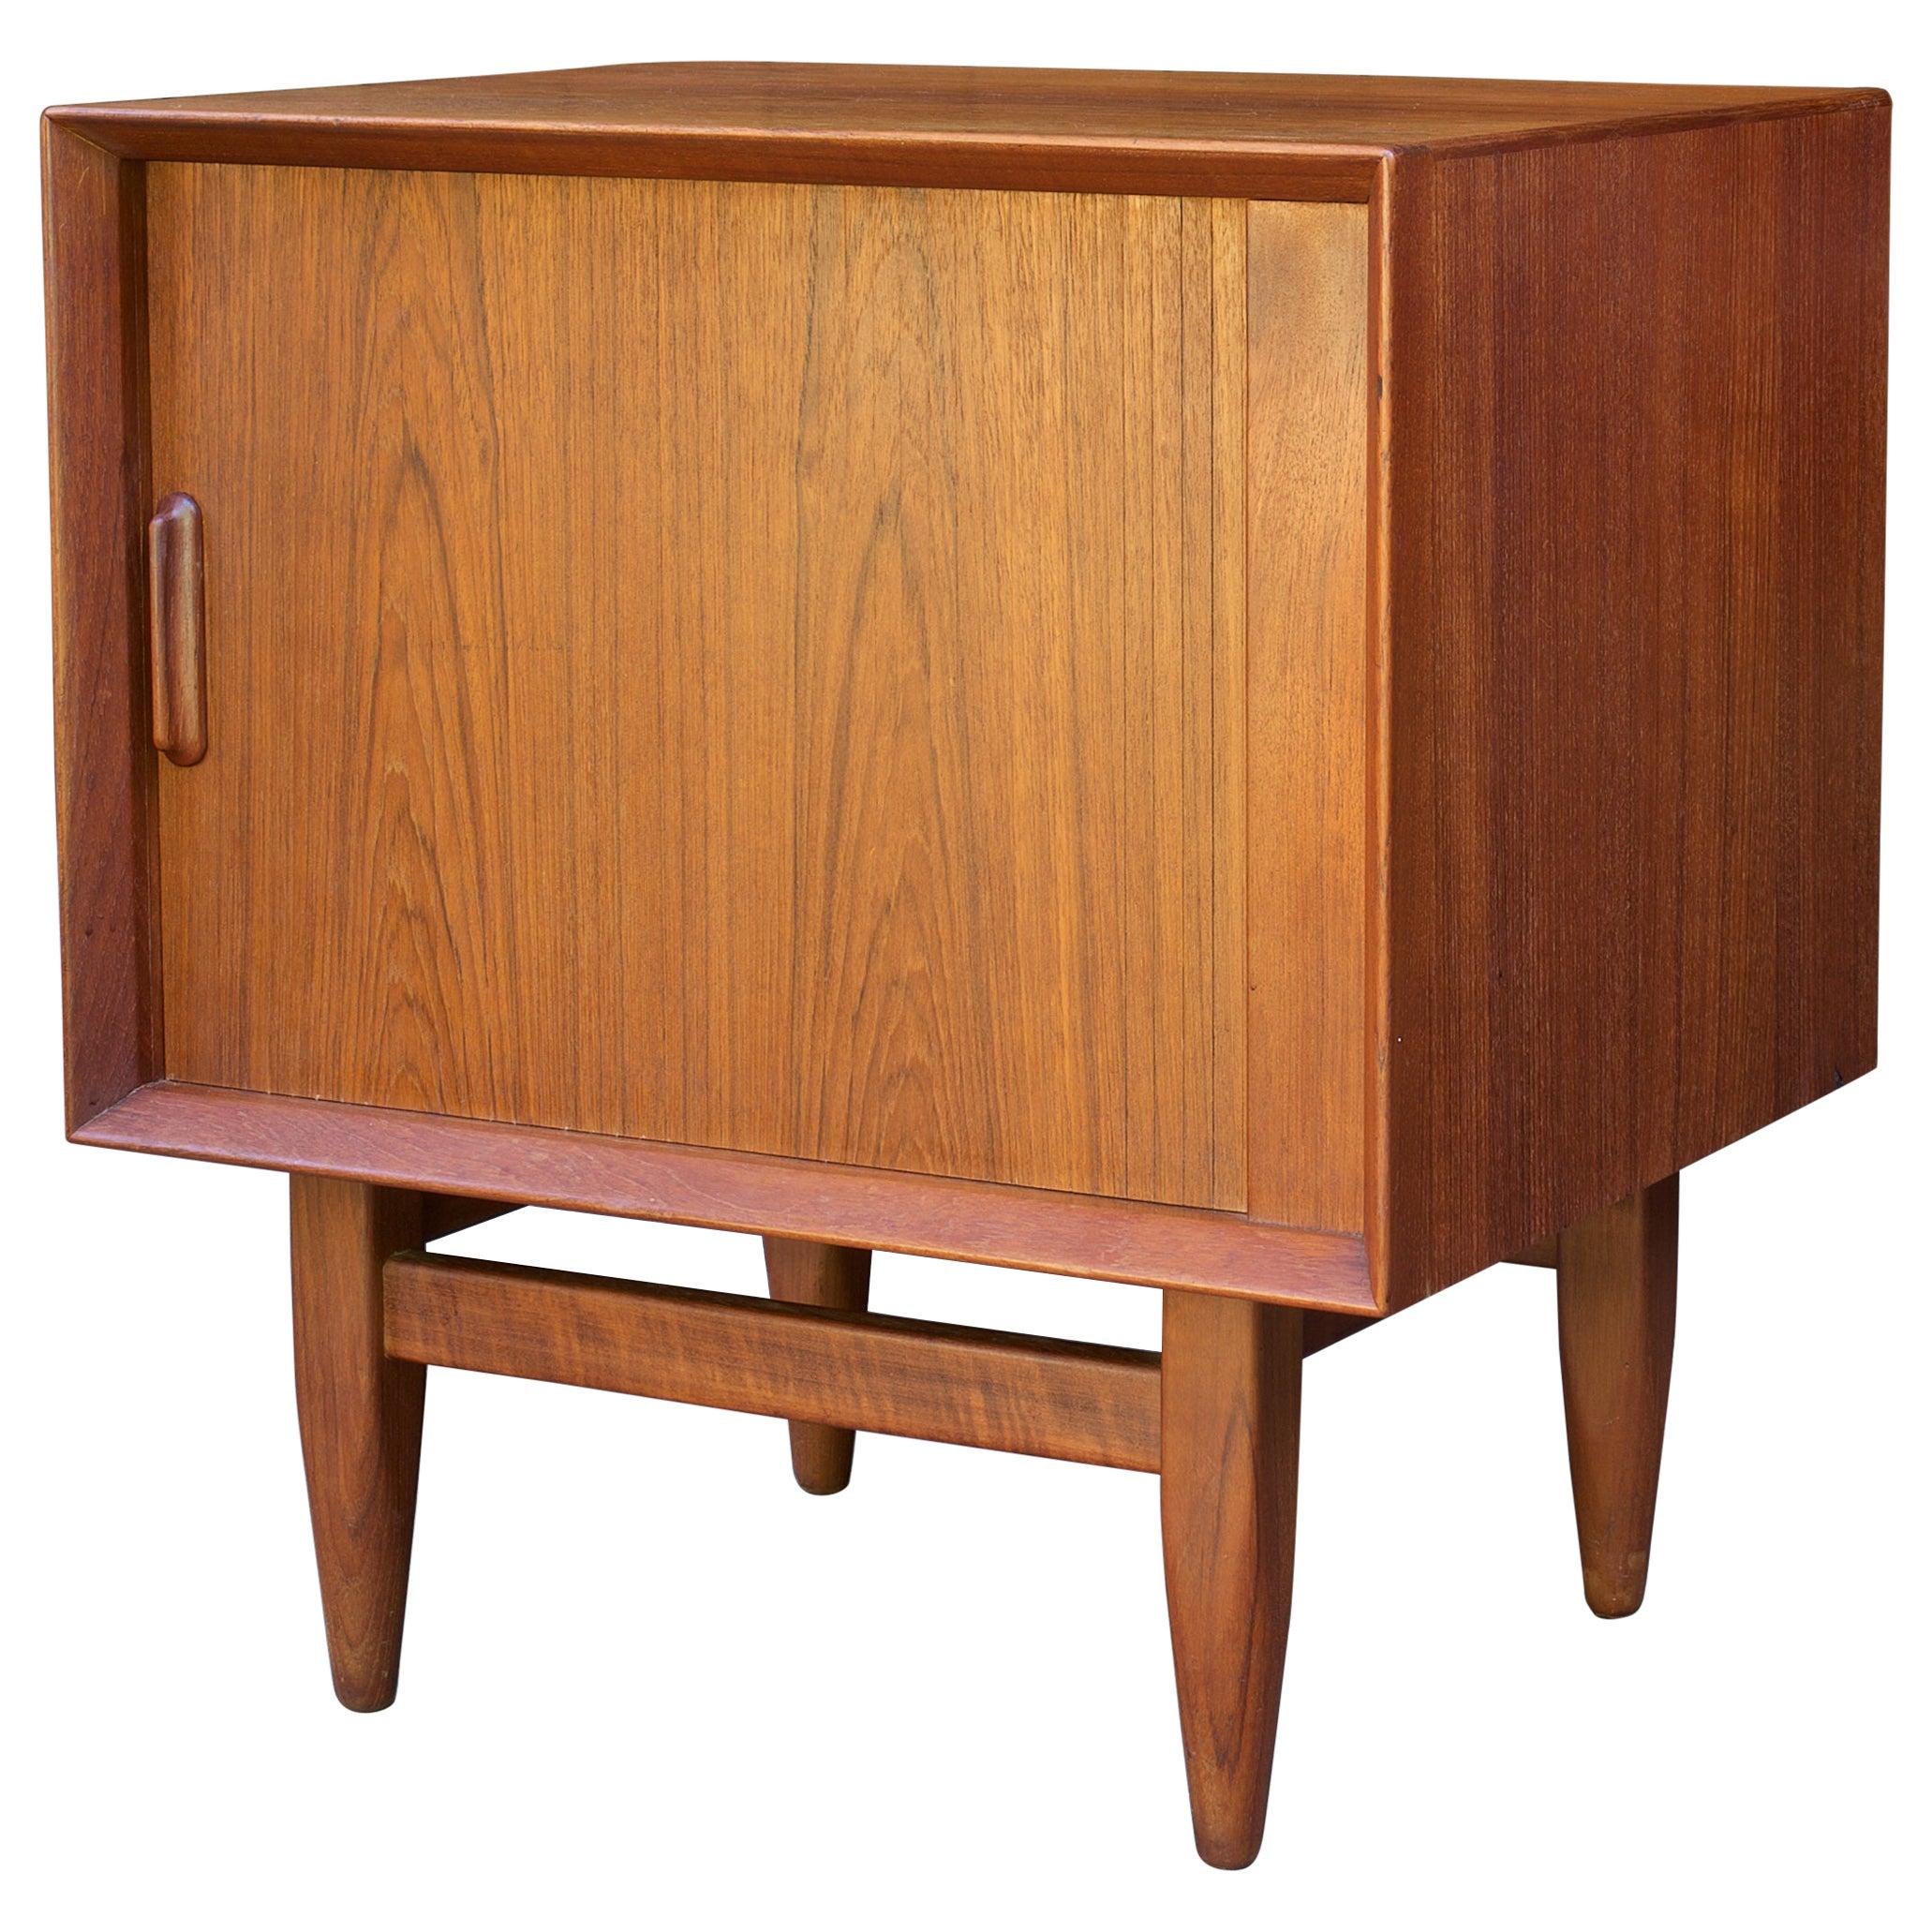 1950s Scandinavian Cabinmodern Teak Tambour Nightstand Bedside Cabinet Credenza